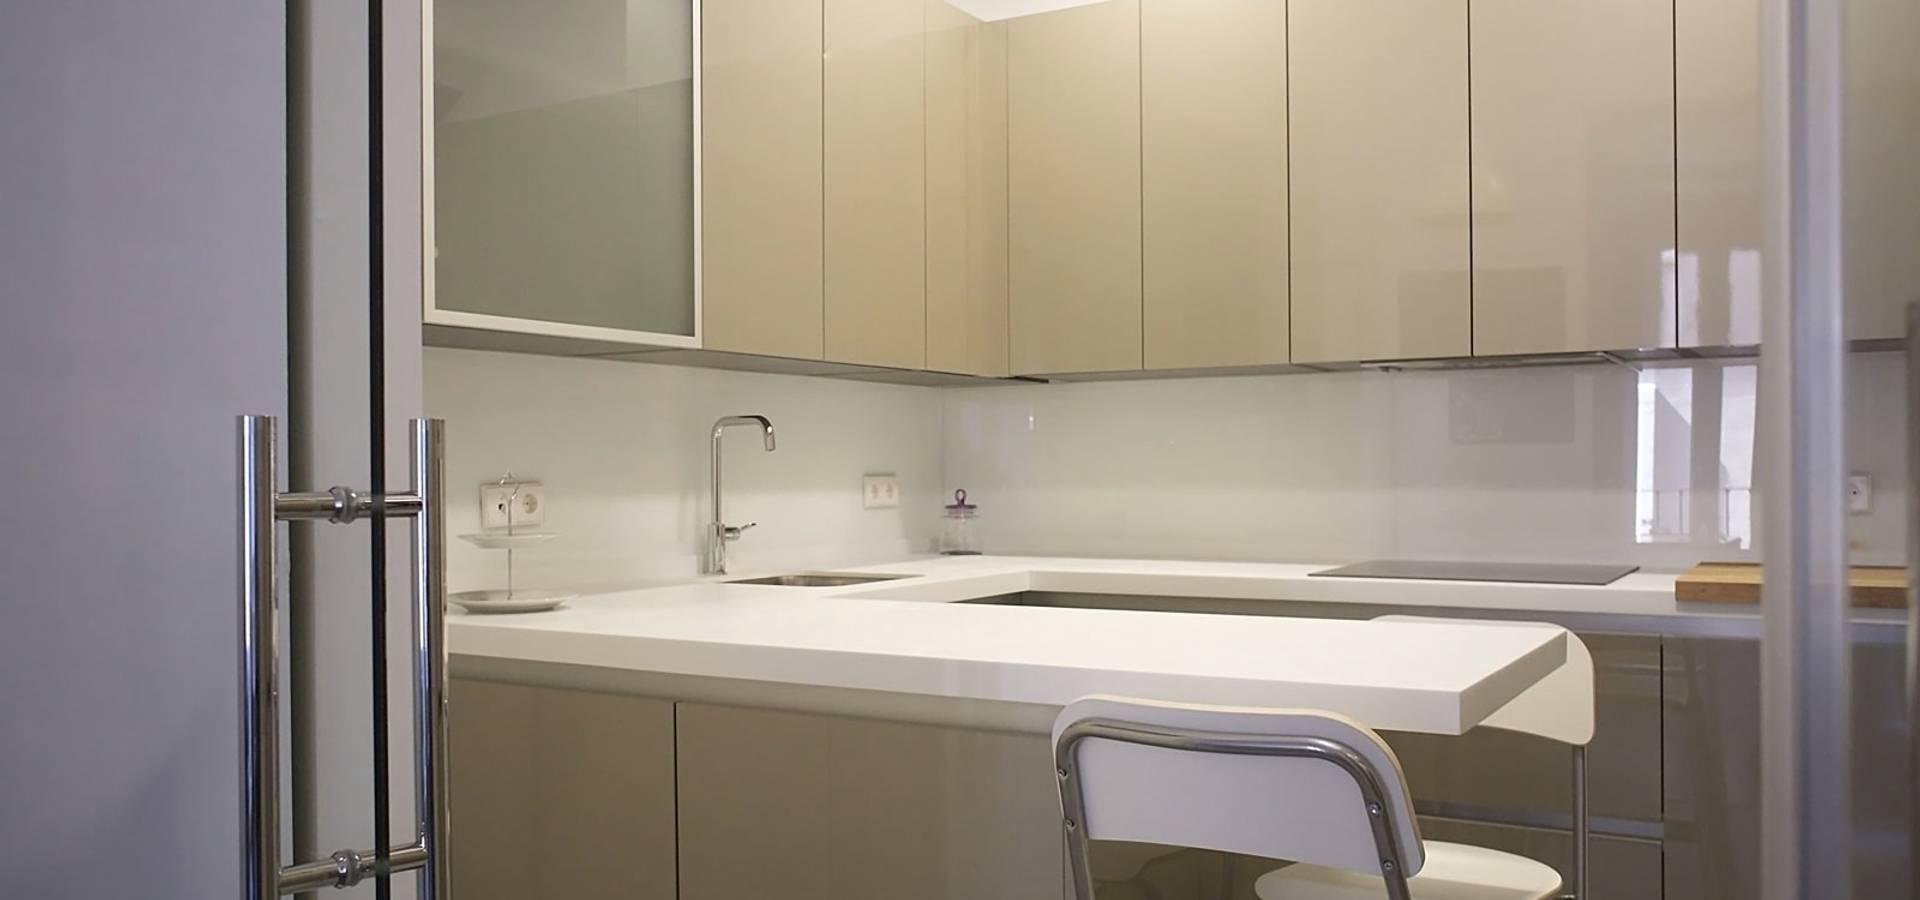 Isoko proyecto dise adores de cocinas en madrid homify - Disenadores de cocinas ...